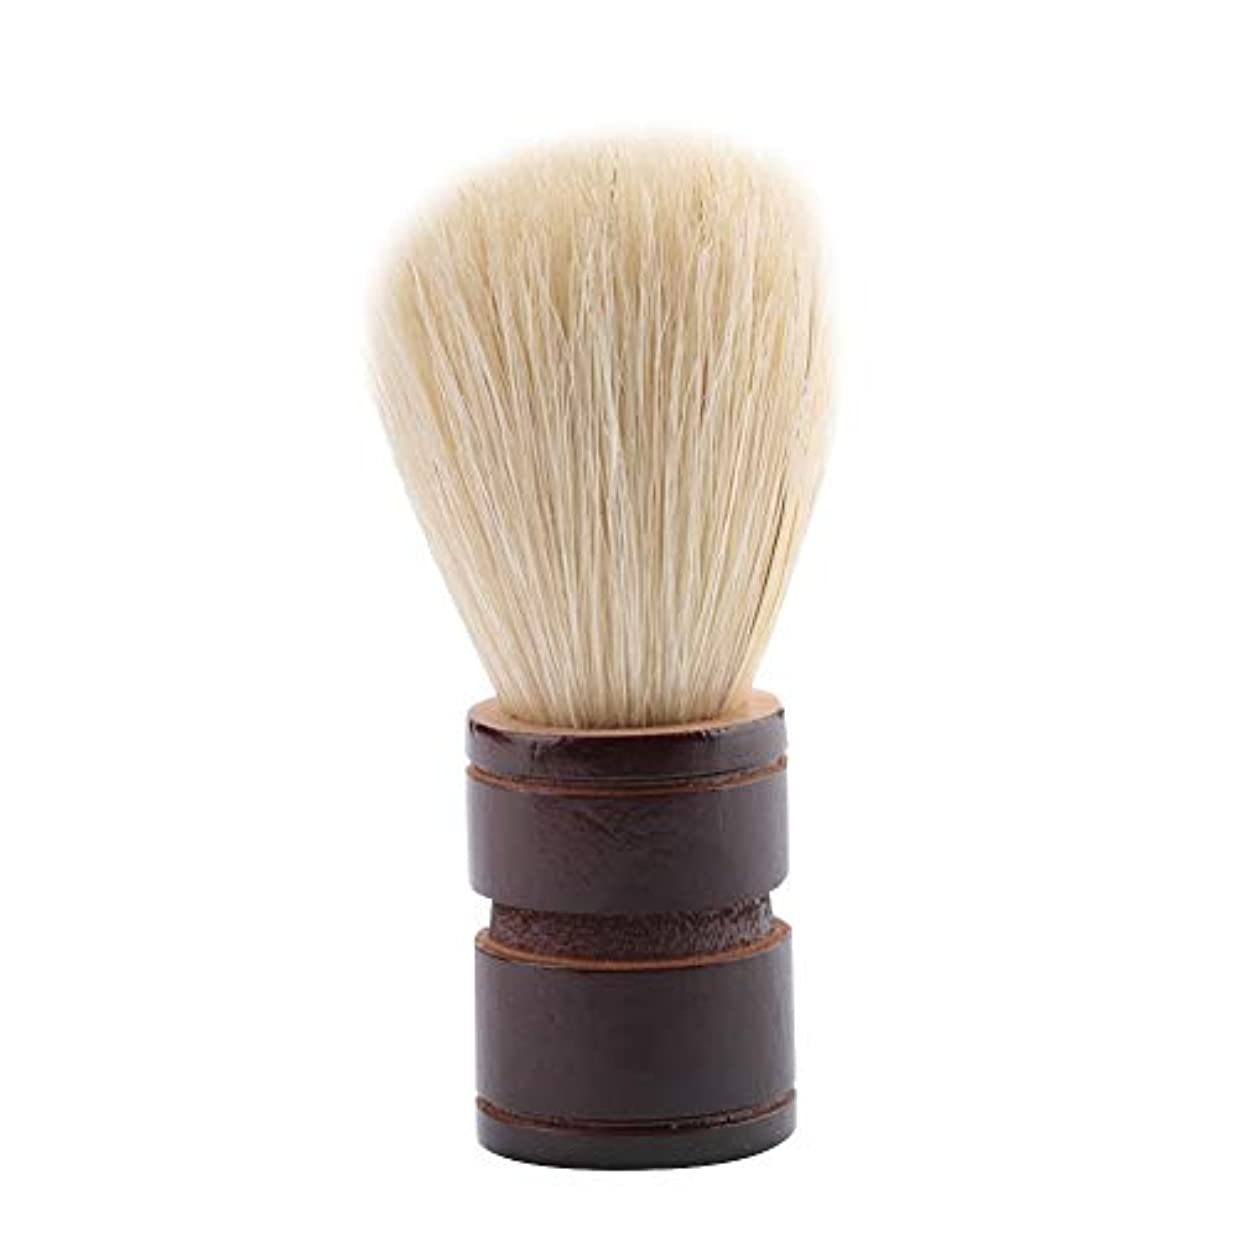 スキム発送ジムBrocan サロンホーム旅行の使用のためのポータブル男性のひげブラシ木製ハンドルシェービングブラシ(ウッド+絵筆)